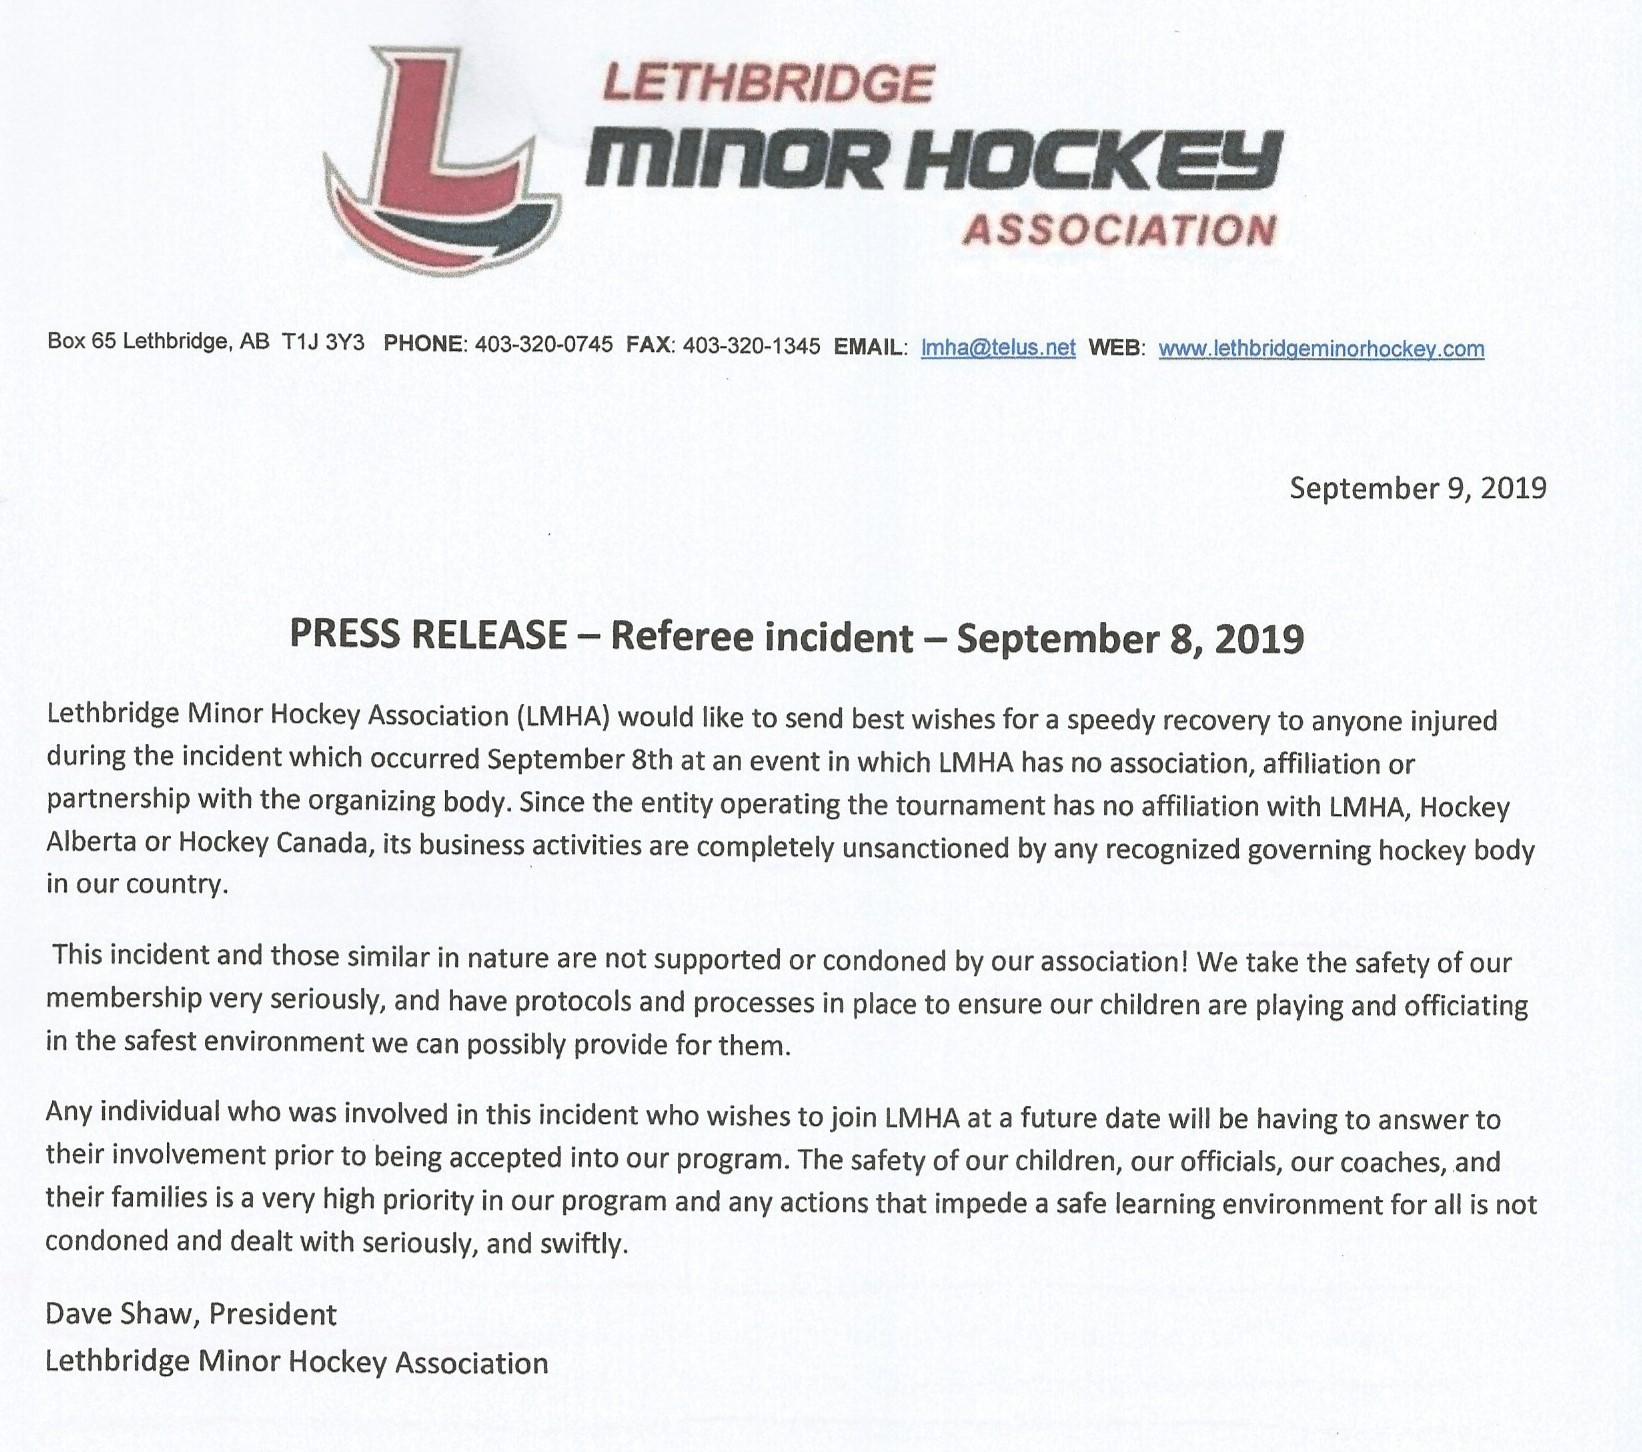 Press Release September 8 Incident